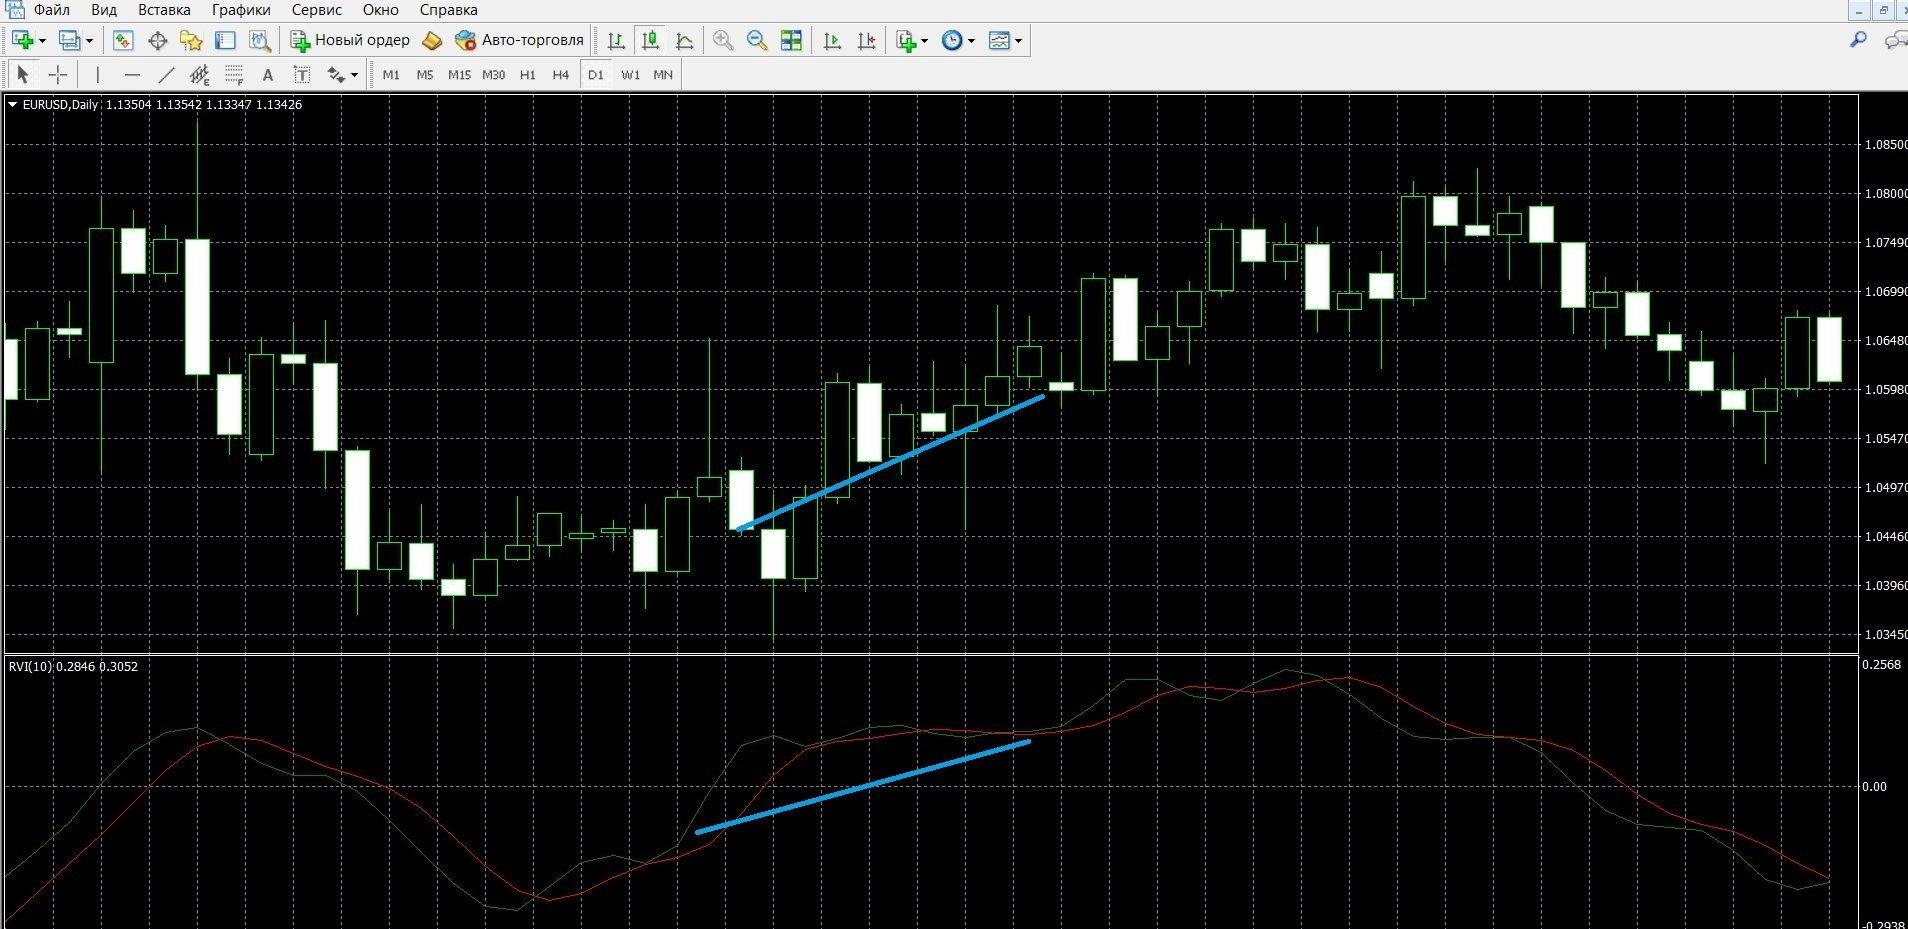 Если обе кривые RVI растут, это говорит о восходящем тренде